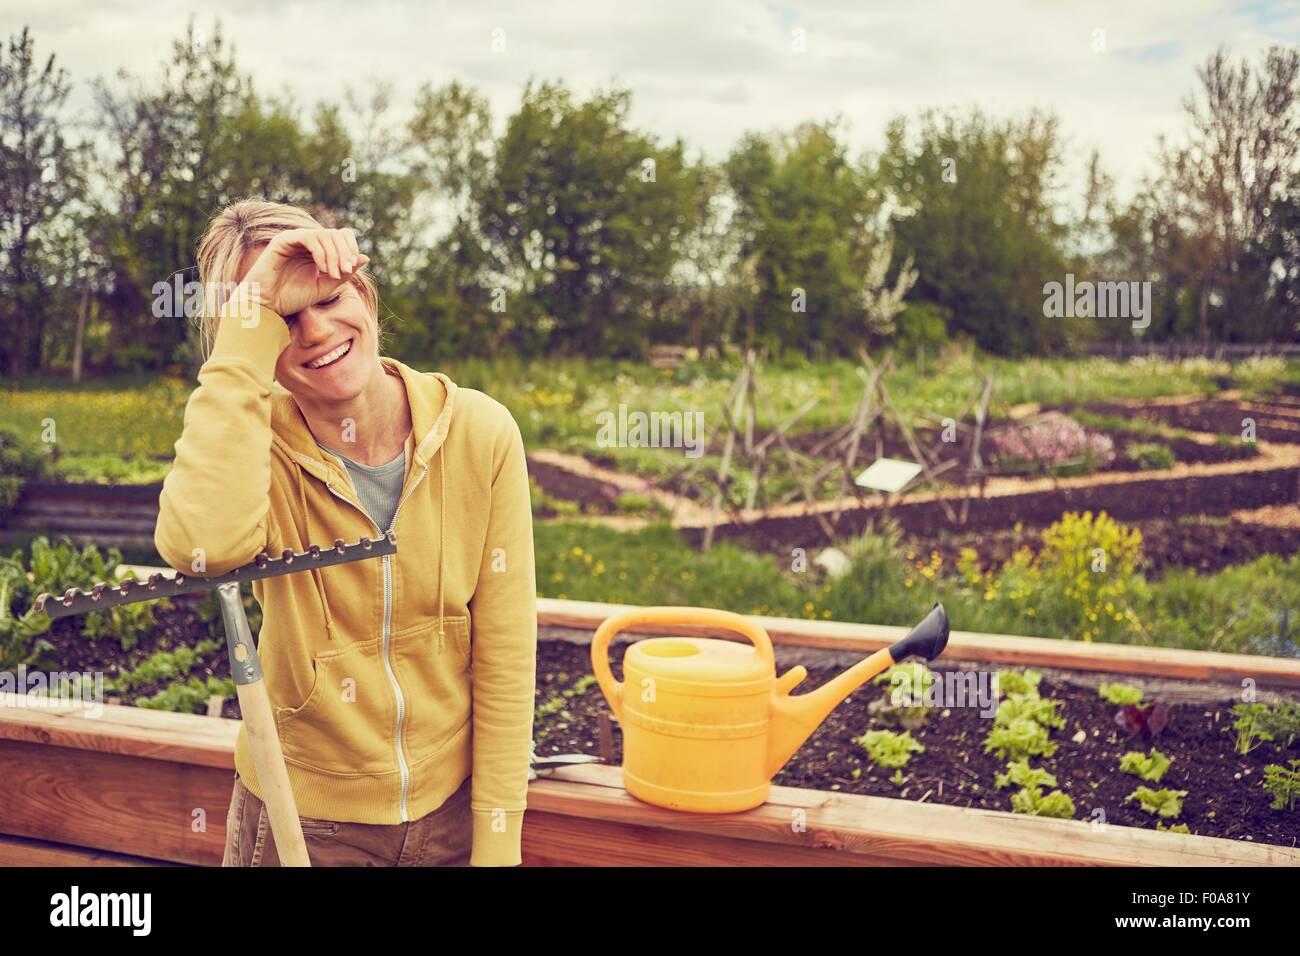 Reife Frau, Gartenarbeit, stützte sich auf Rechen, lachen Stockbild